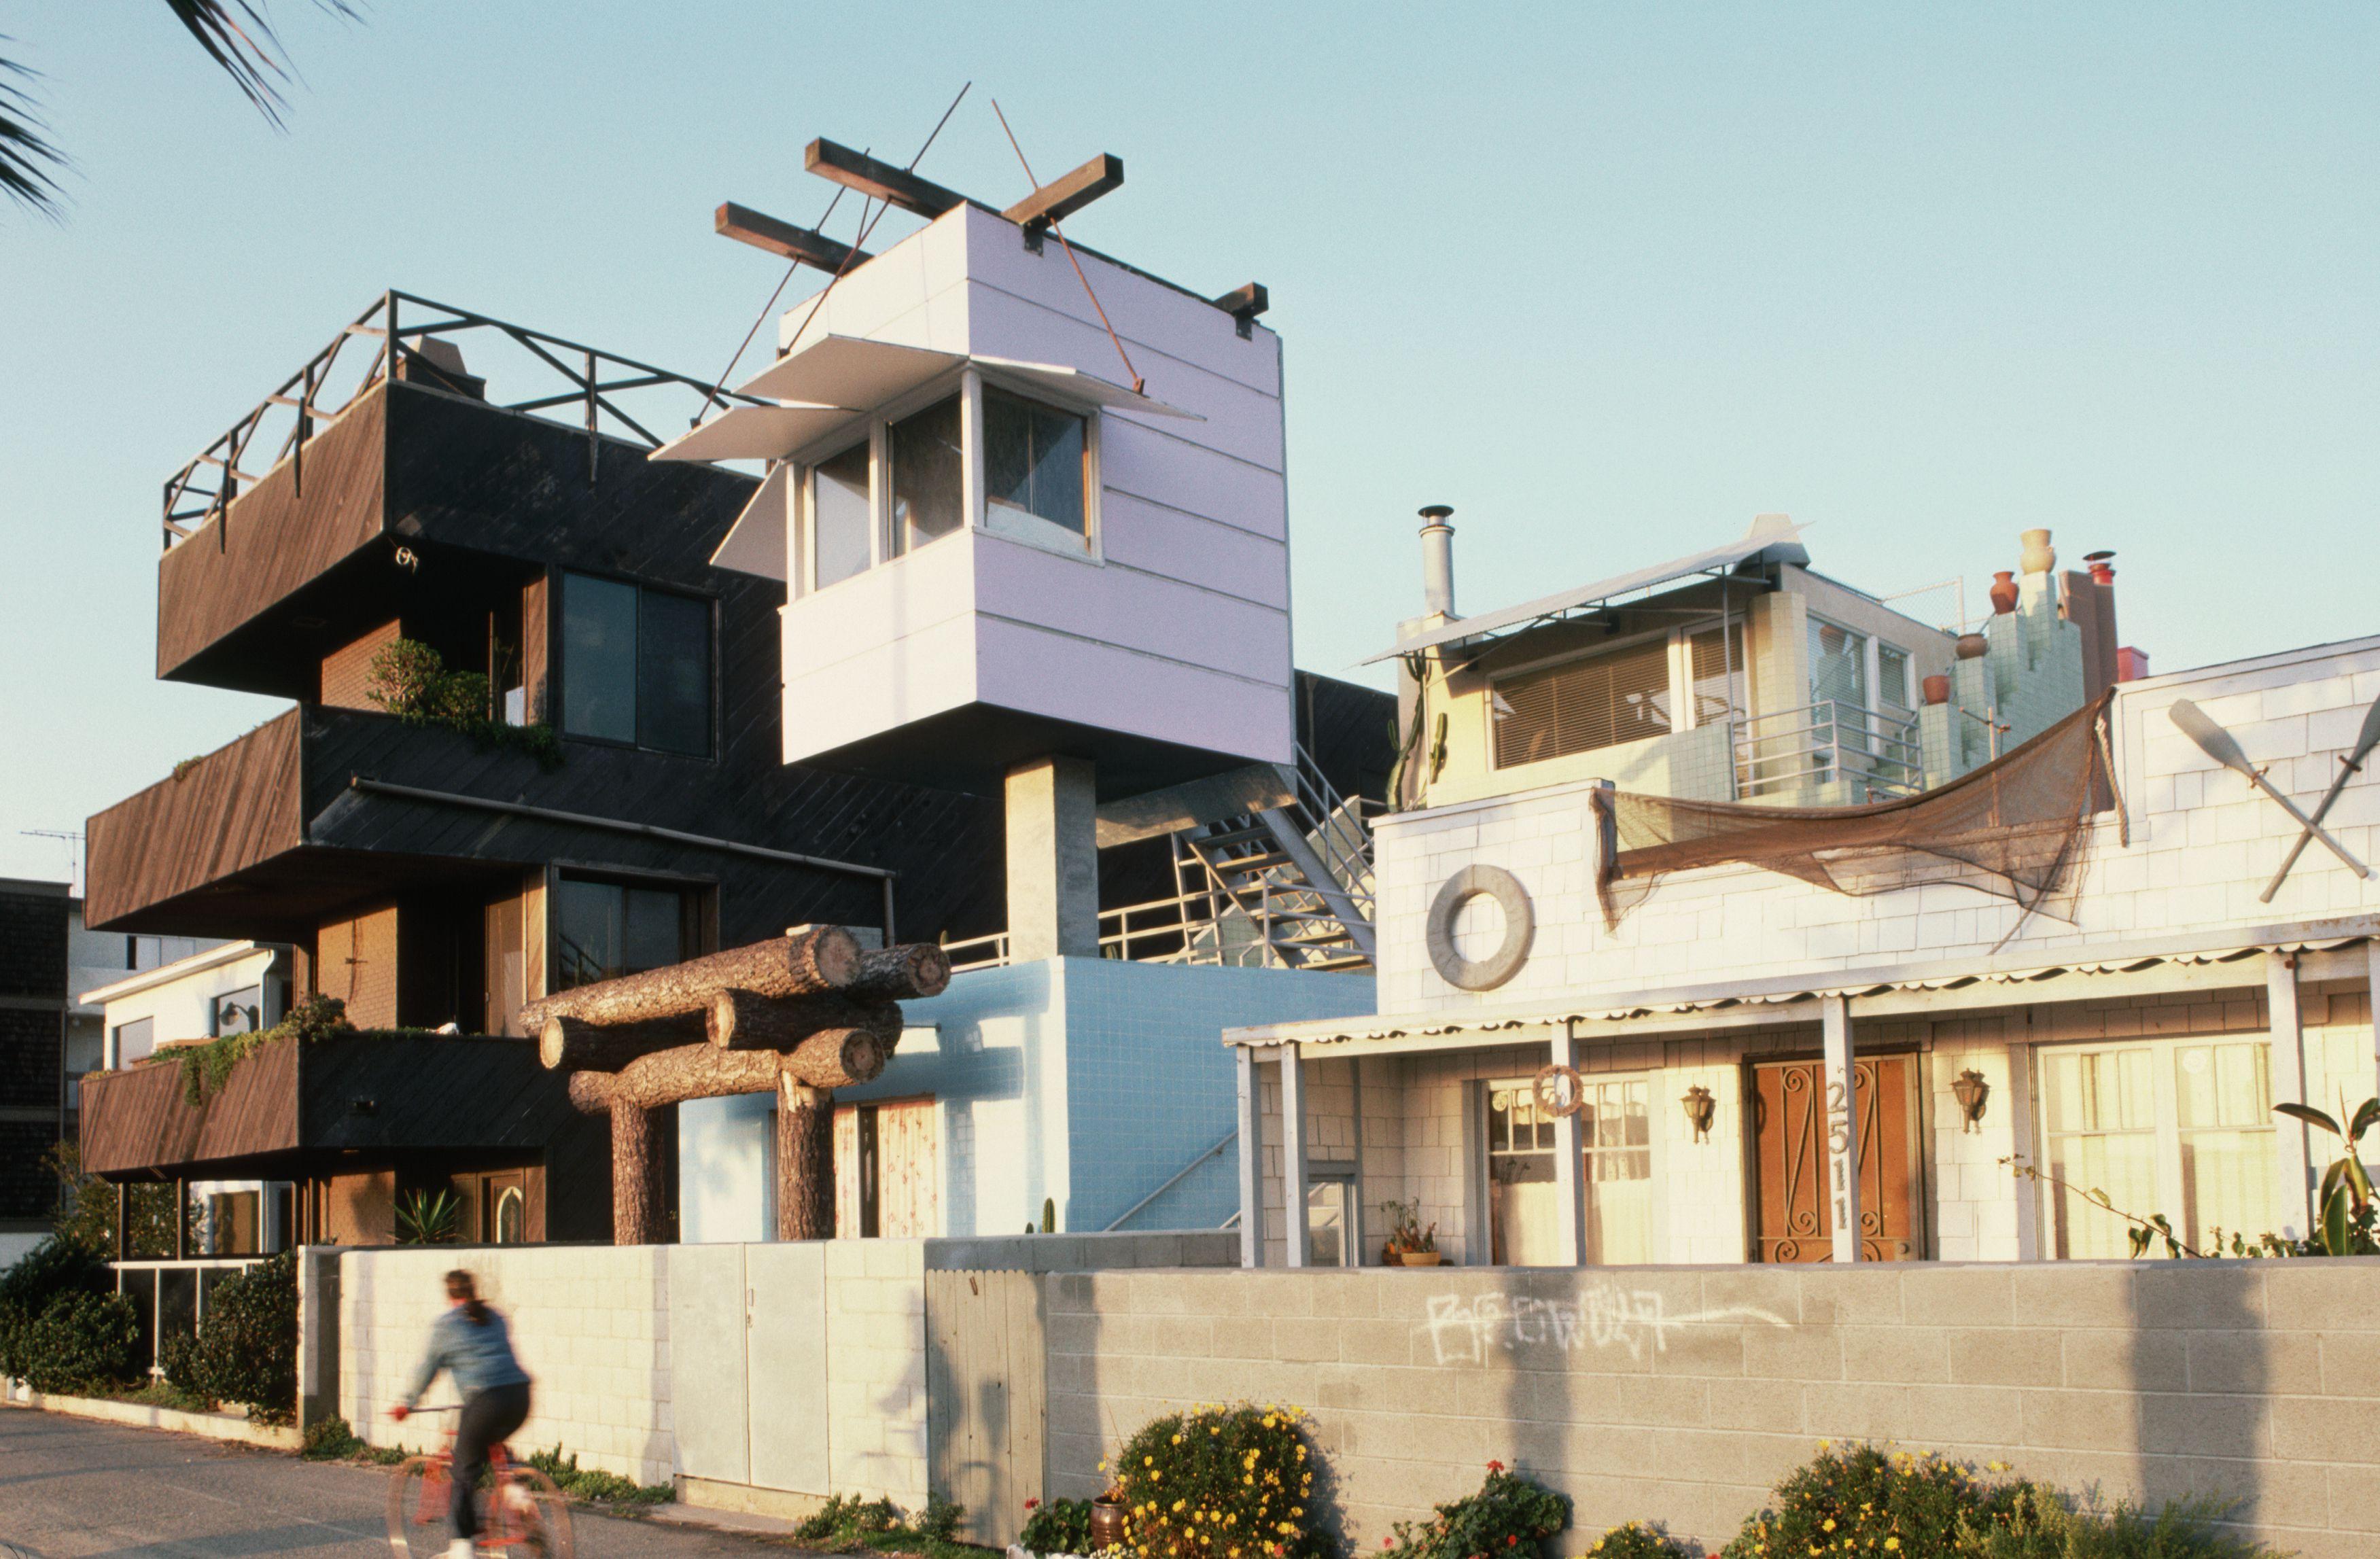 Venice Beach House by Frank Gehry